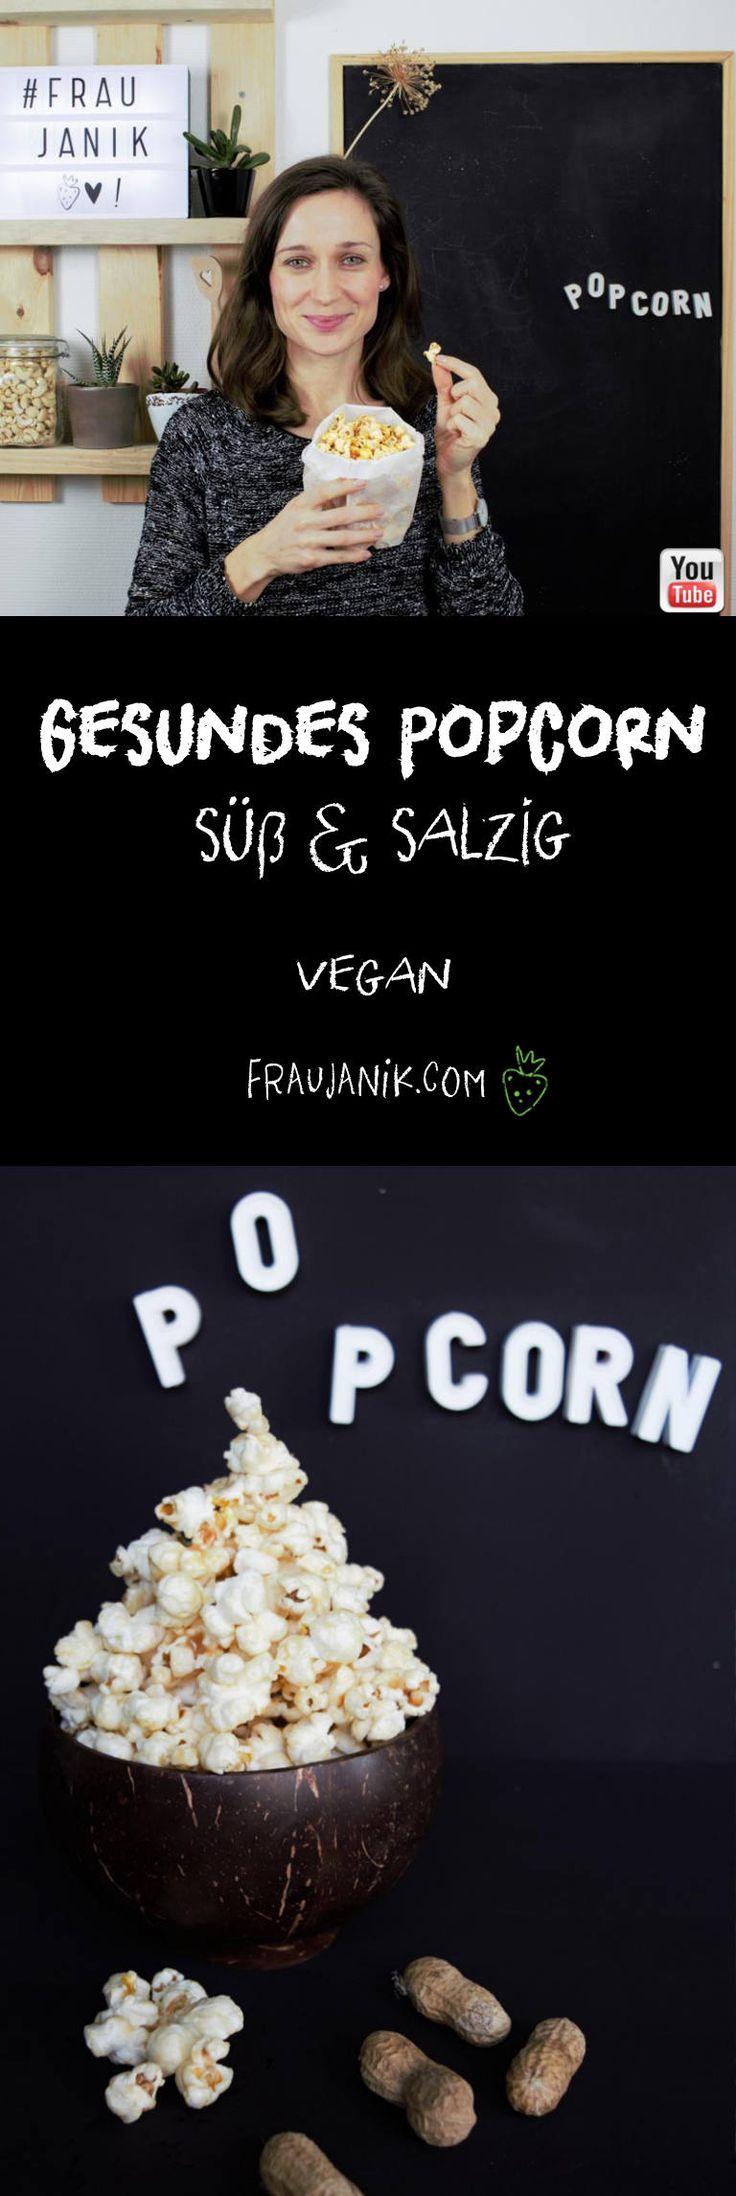 Gesundes Popcorn selber machen |  Süß & Salzig | vegan Wie im Kino nur besser & gesünder... #popcorn #gesundbacken #gesundespopcorn #ohnezucker #zuckerfrei #gesund #vegan #veganpopcorn #gesunderezepte #fraujanik